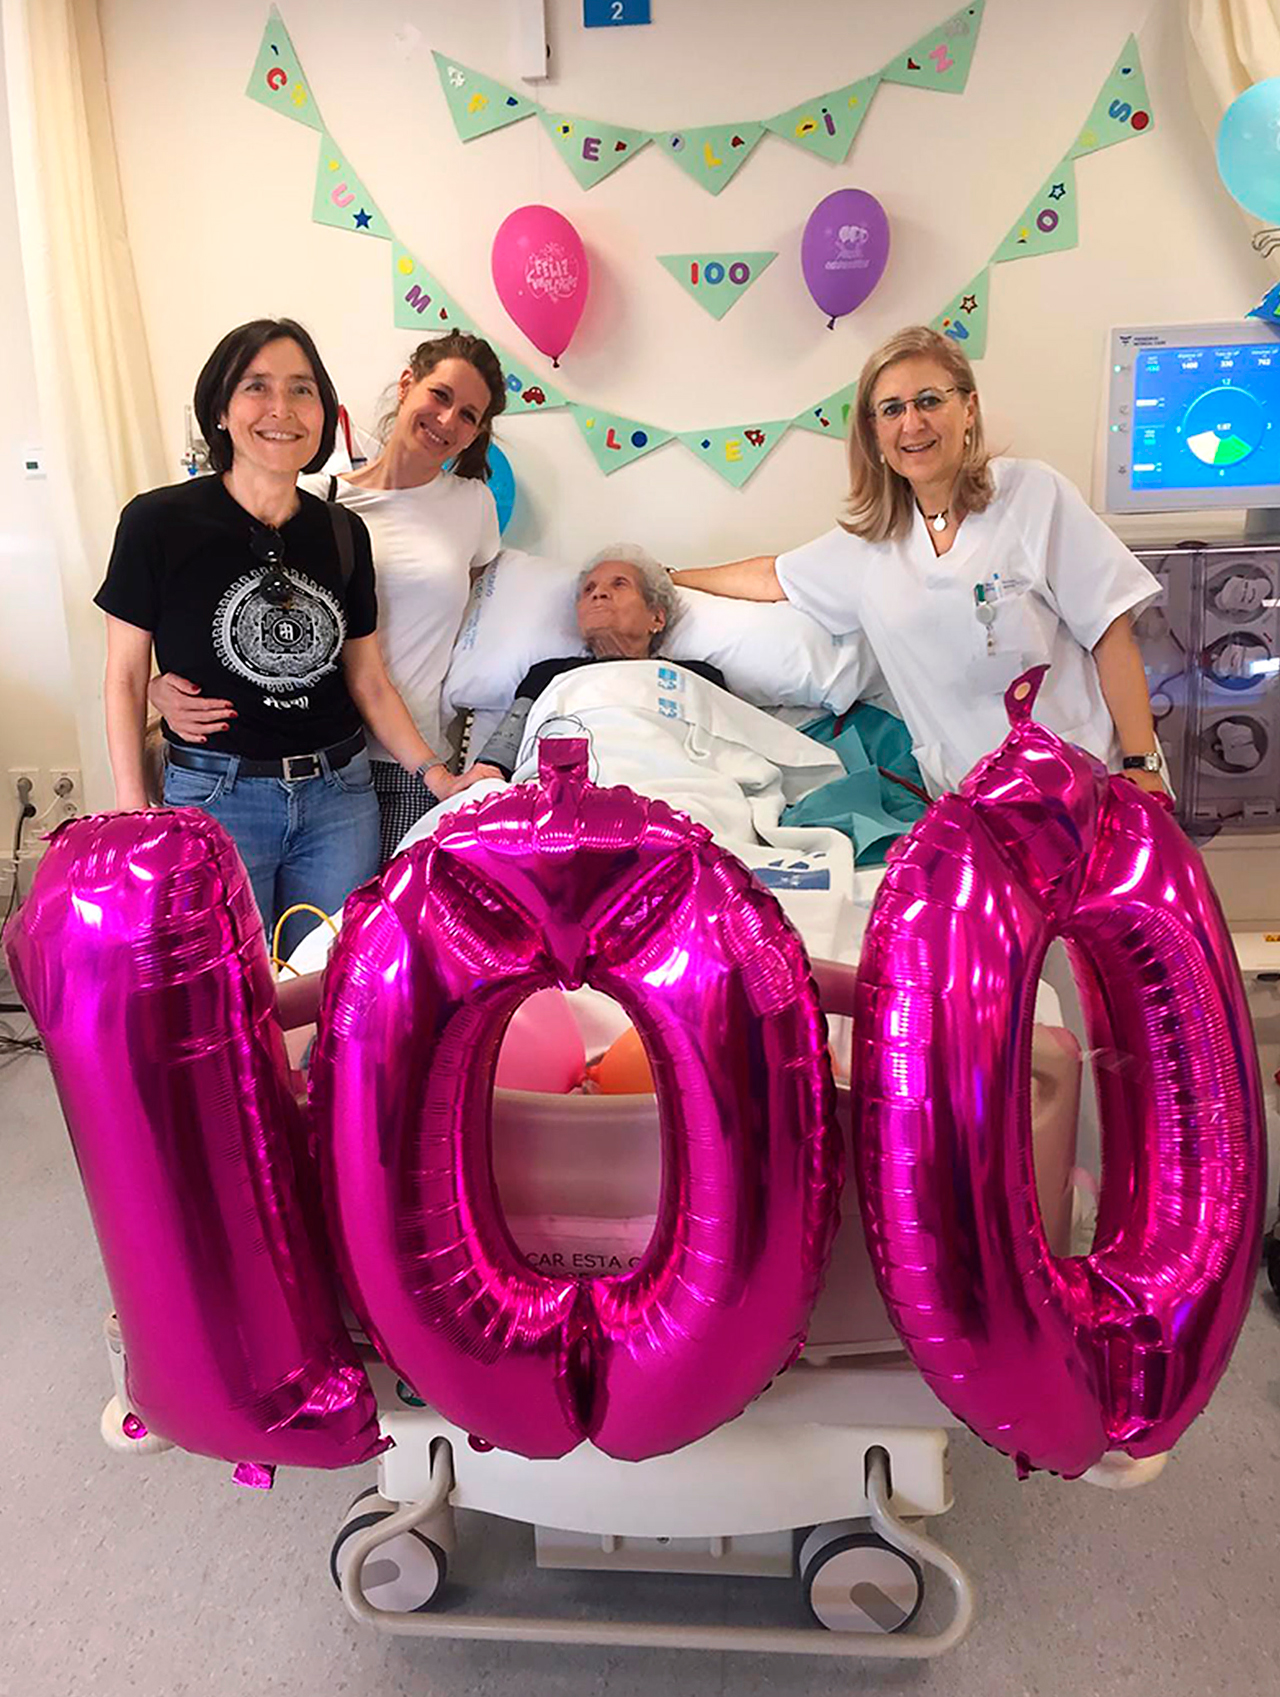 La paciente Isabel Sánchez, en un homenaje por su cumpleaños centenario con sus médicas, las nefrólogas Elena Corchete, Marta Albalate y Patricia de Sequera, del Hospital Universitario Infanta Leonor, en Madrid.